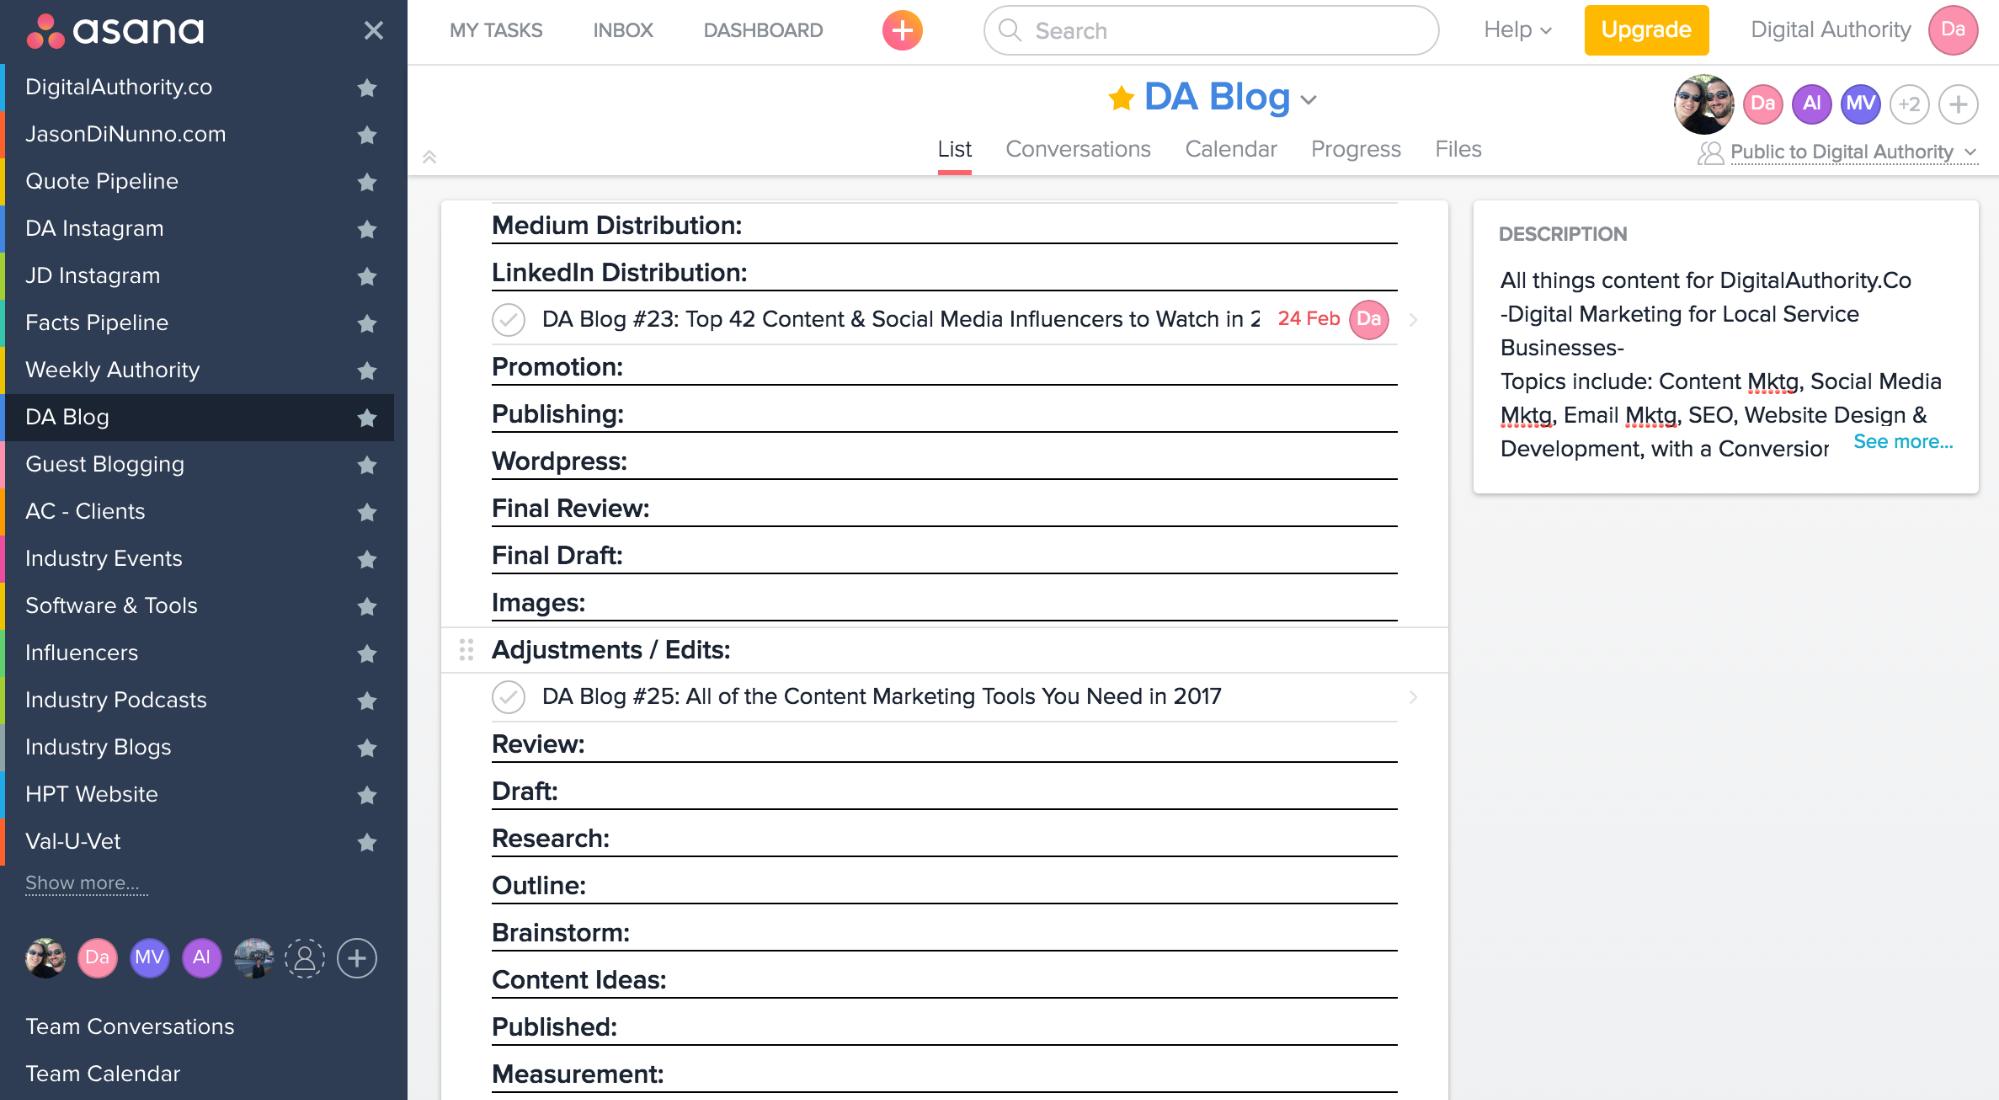 content marketing tools 2017 - asana